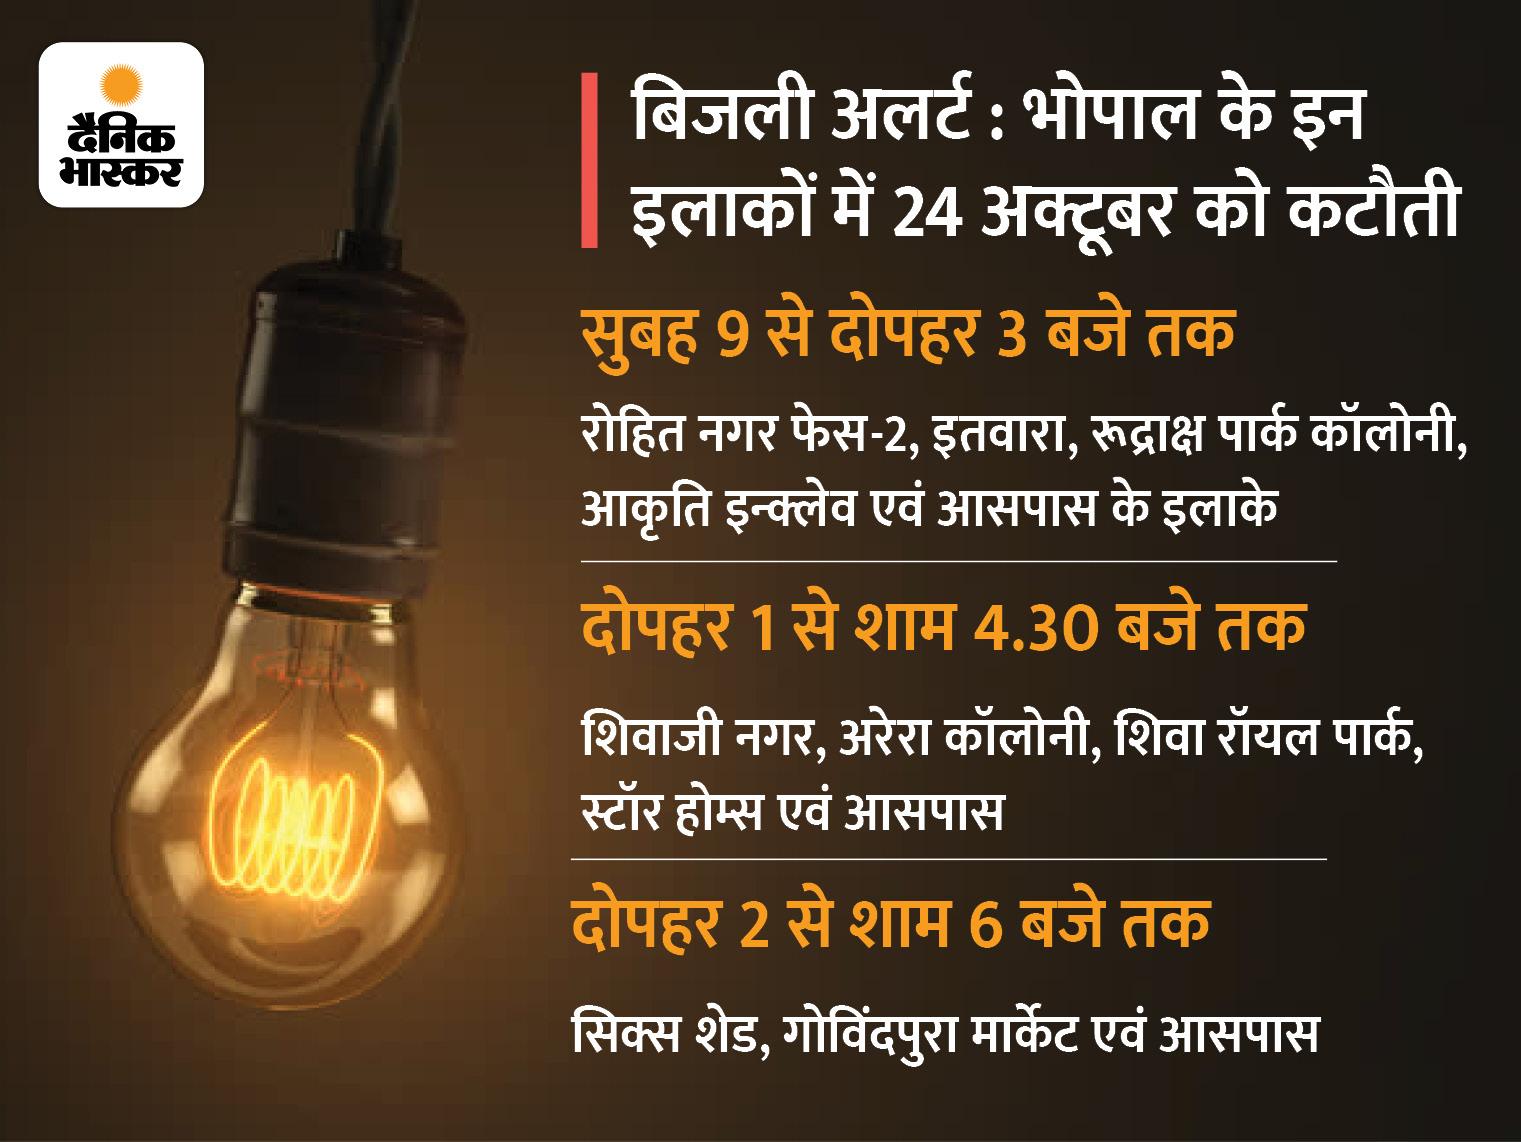 रोहित नगर फेस-2, इतवारा में 6, अरेरा कॉलोनी-शिवाजी नगर में 3.30 और गोविंदपुरा मार्केट-सिक्स शेड में 4 घंटे सप्लाई नहीं भोपाल,Bhopal - Dainik Bhaskar